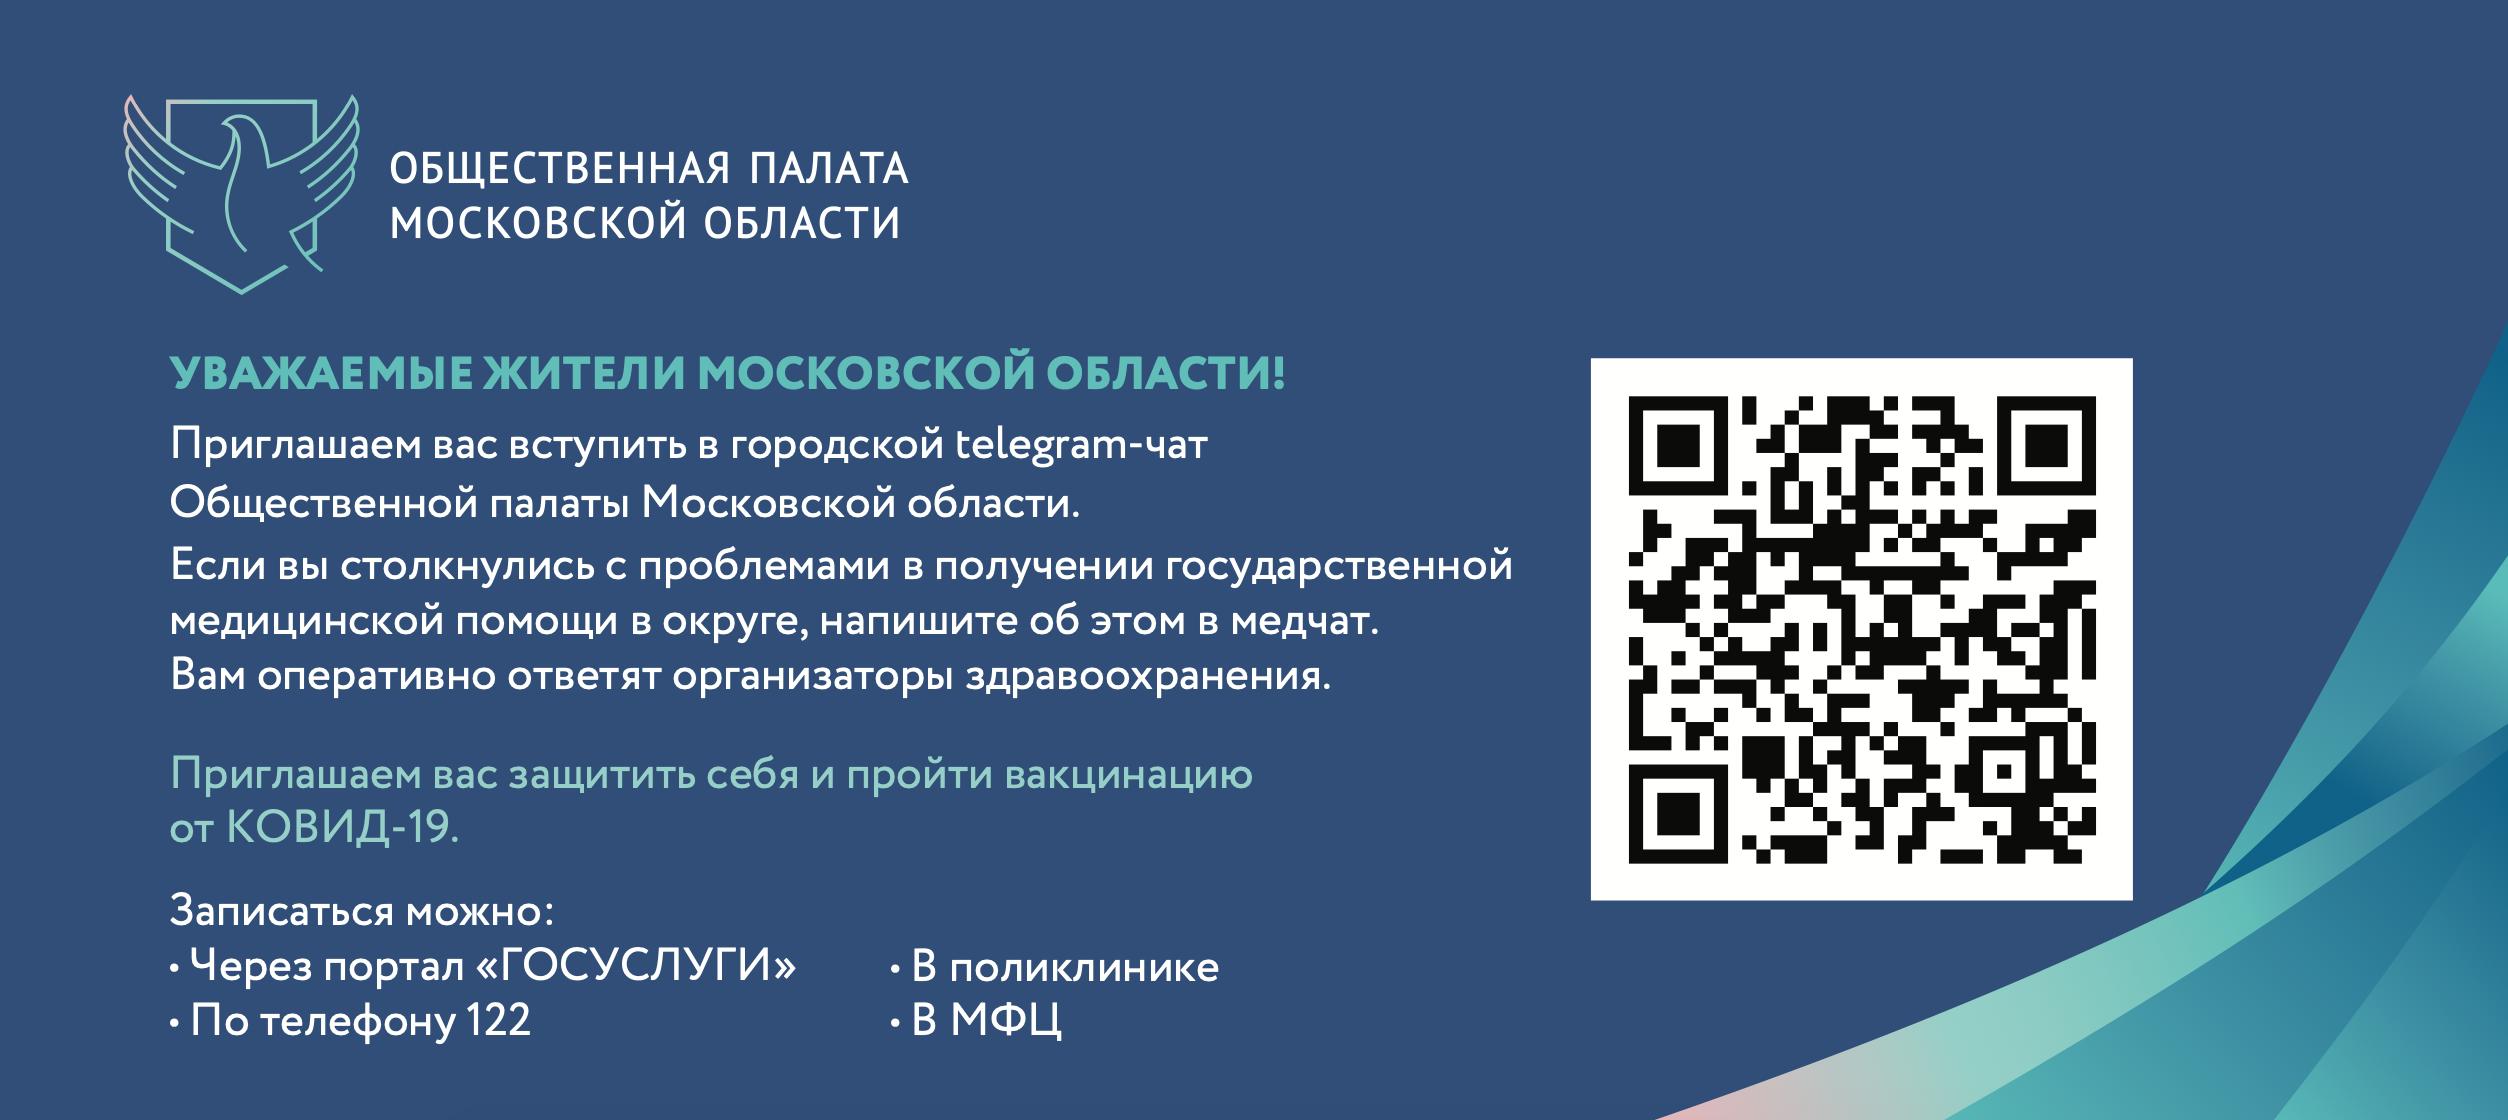 Приглашаем вас вступить в городской Telegram-чат Общественной палаты Московской области